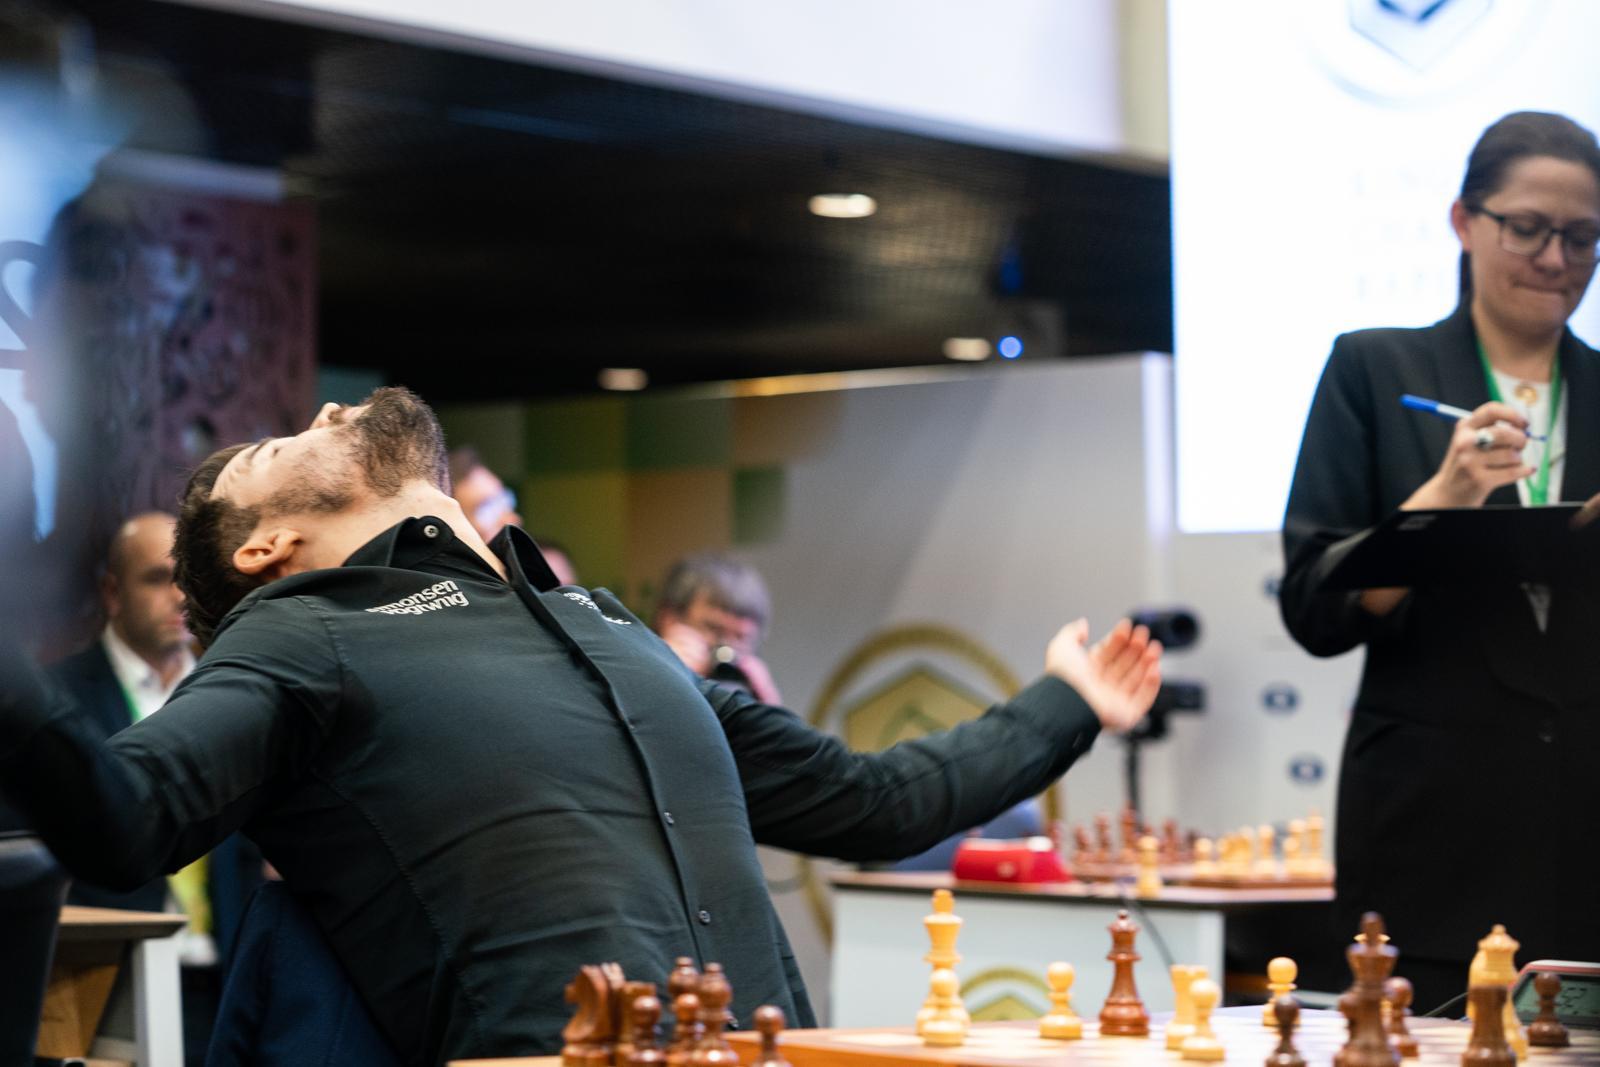 Campeonato del Mundo de ajedrez rápido y blitz 2014